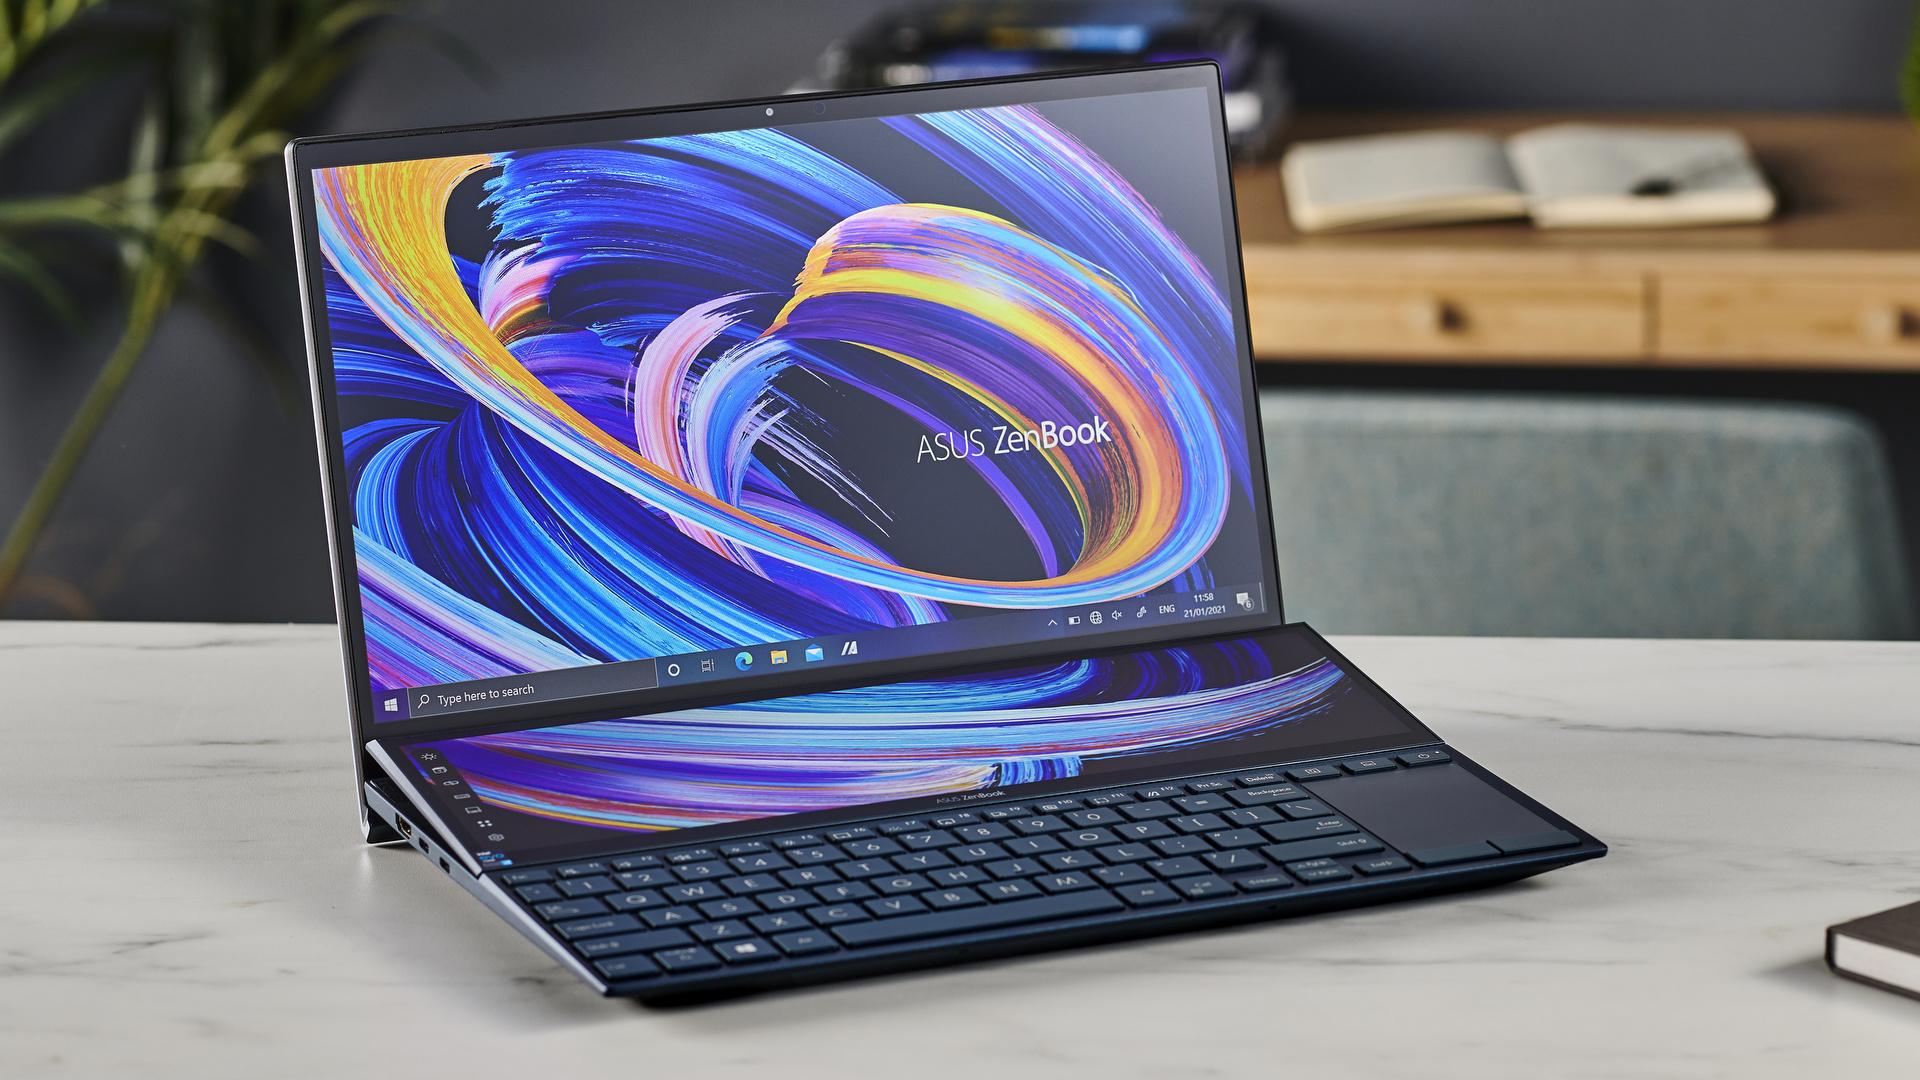 Spesifikasi dan Harga Asus ZenBook Duo 14 UX482E, Laptop Canggih dengan Dua Layar